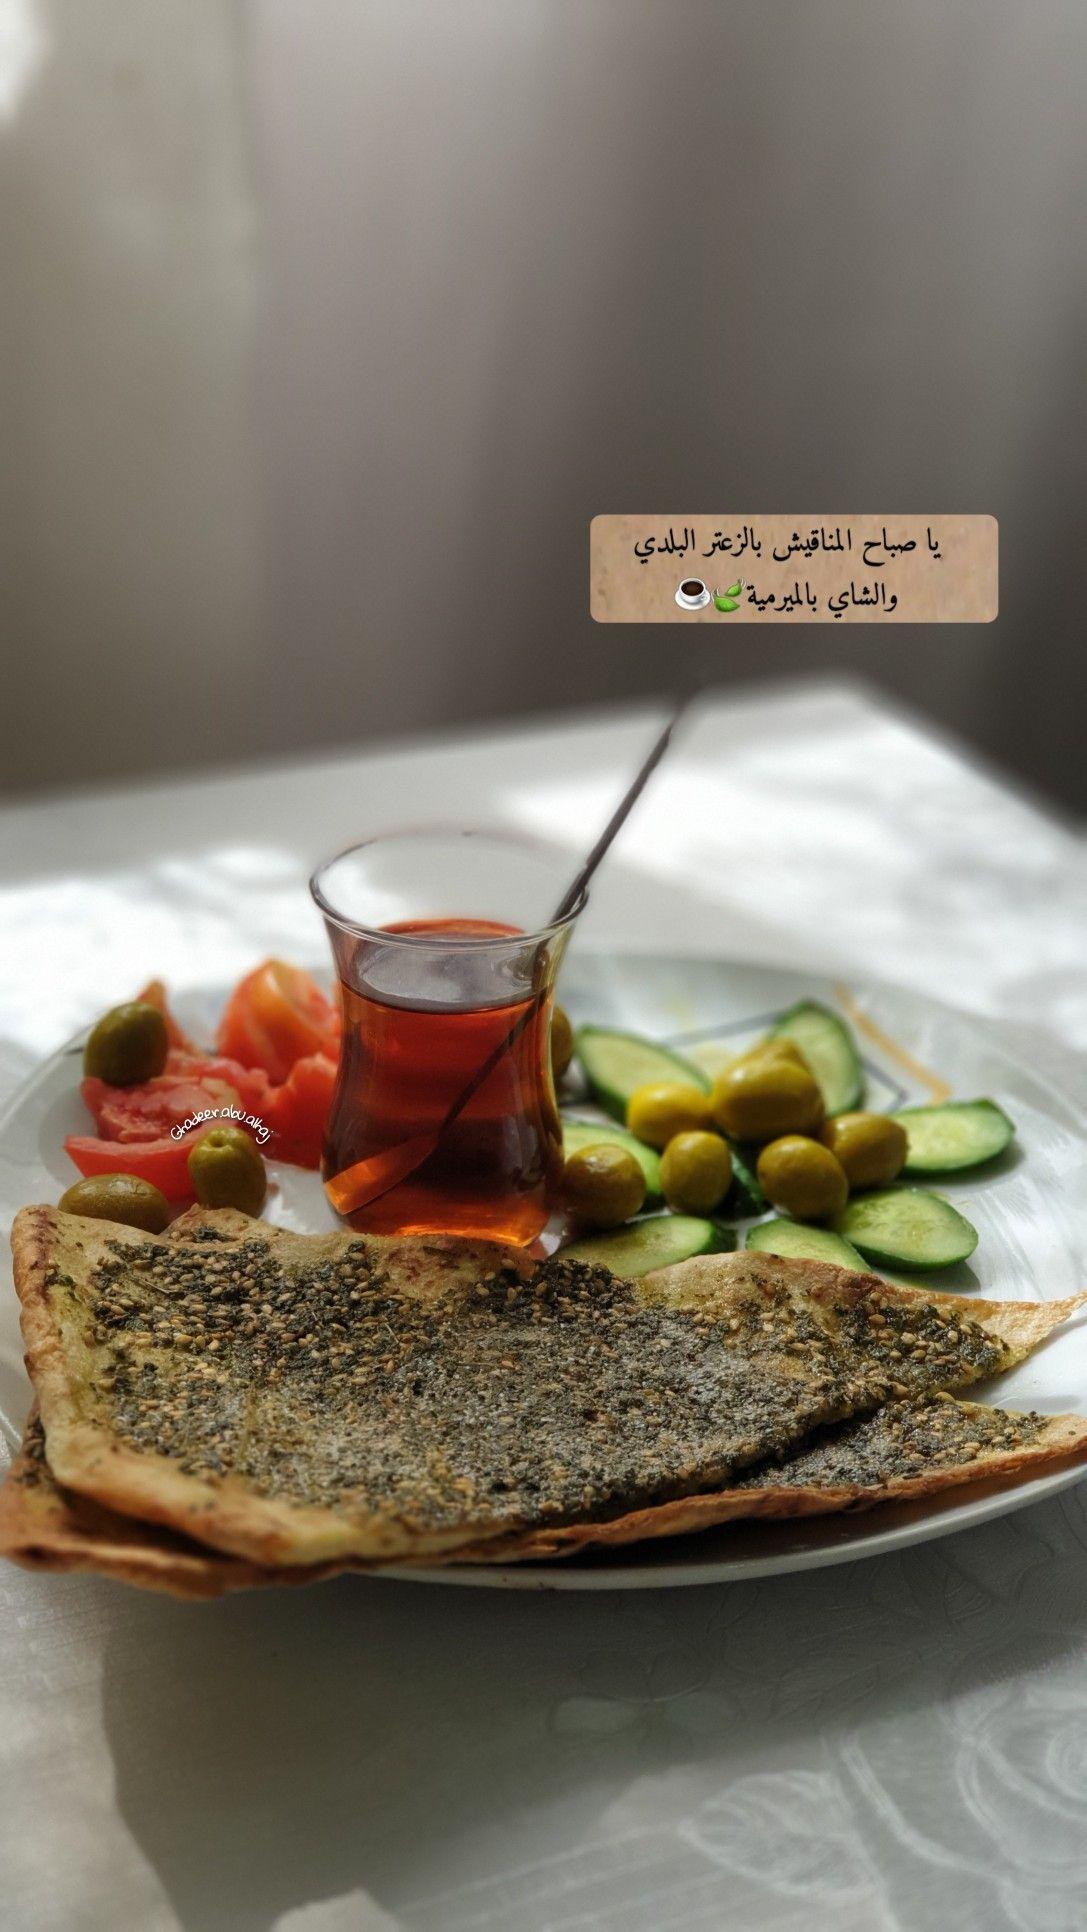 يا صباح المناقيش بالزعتر والشاي بالميرمية Instagram Food Photo And Video